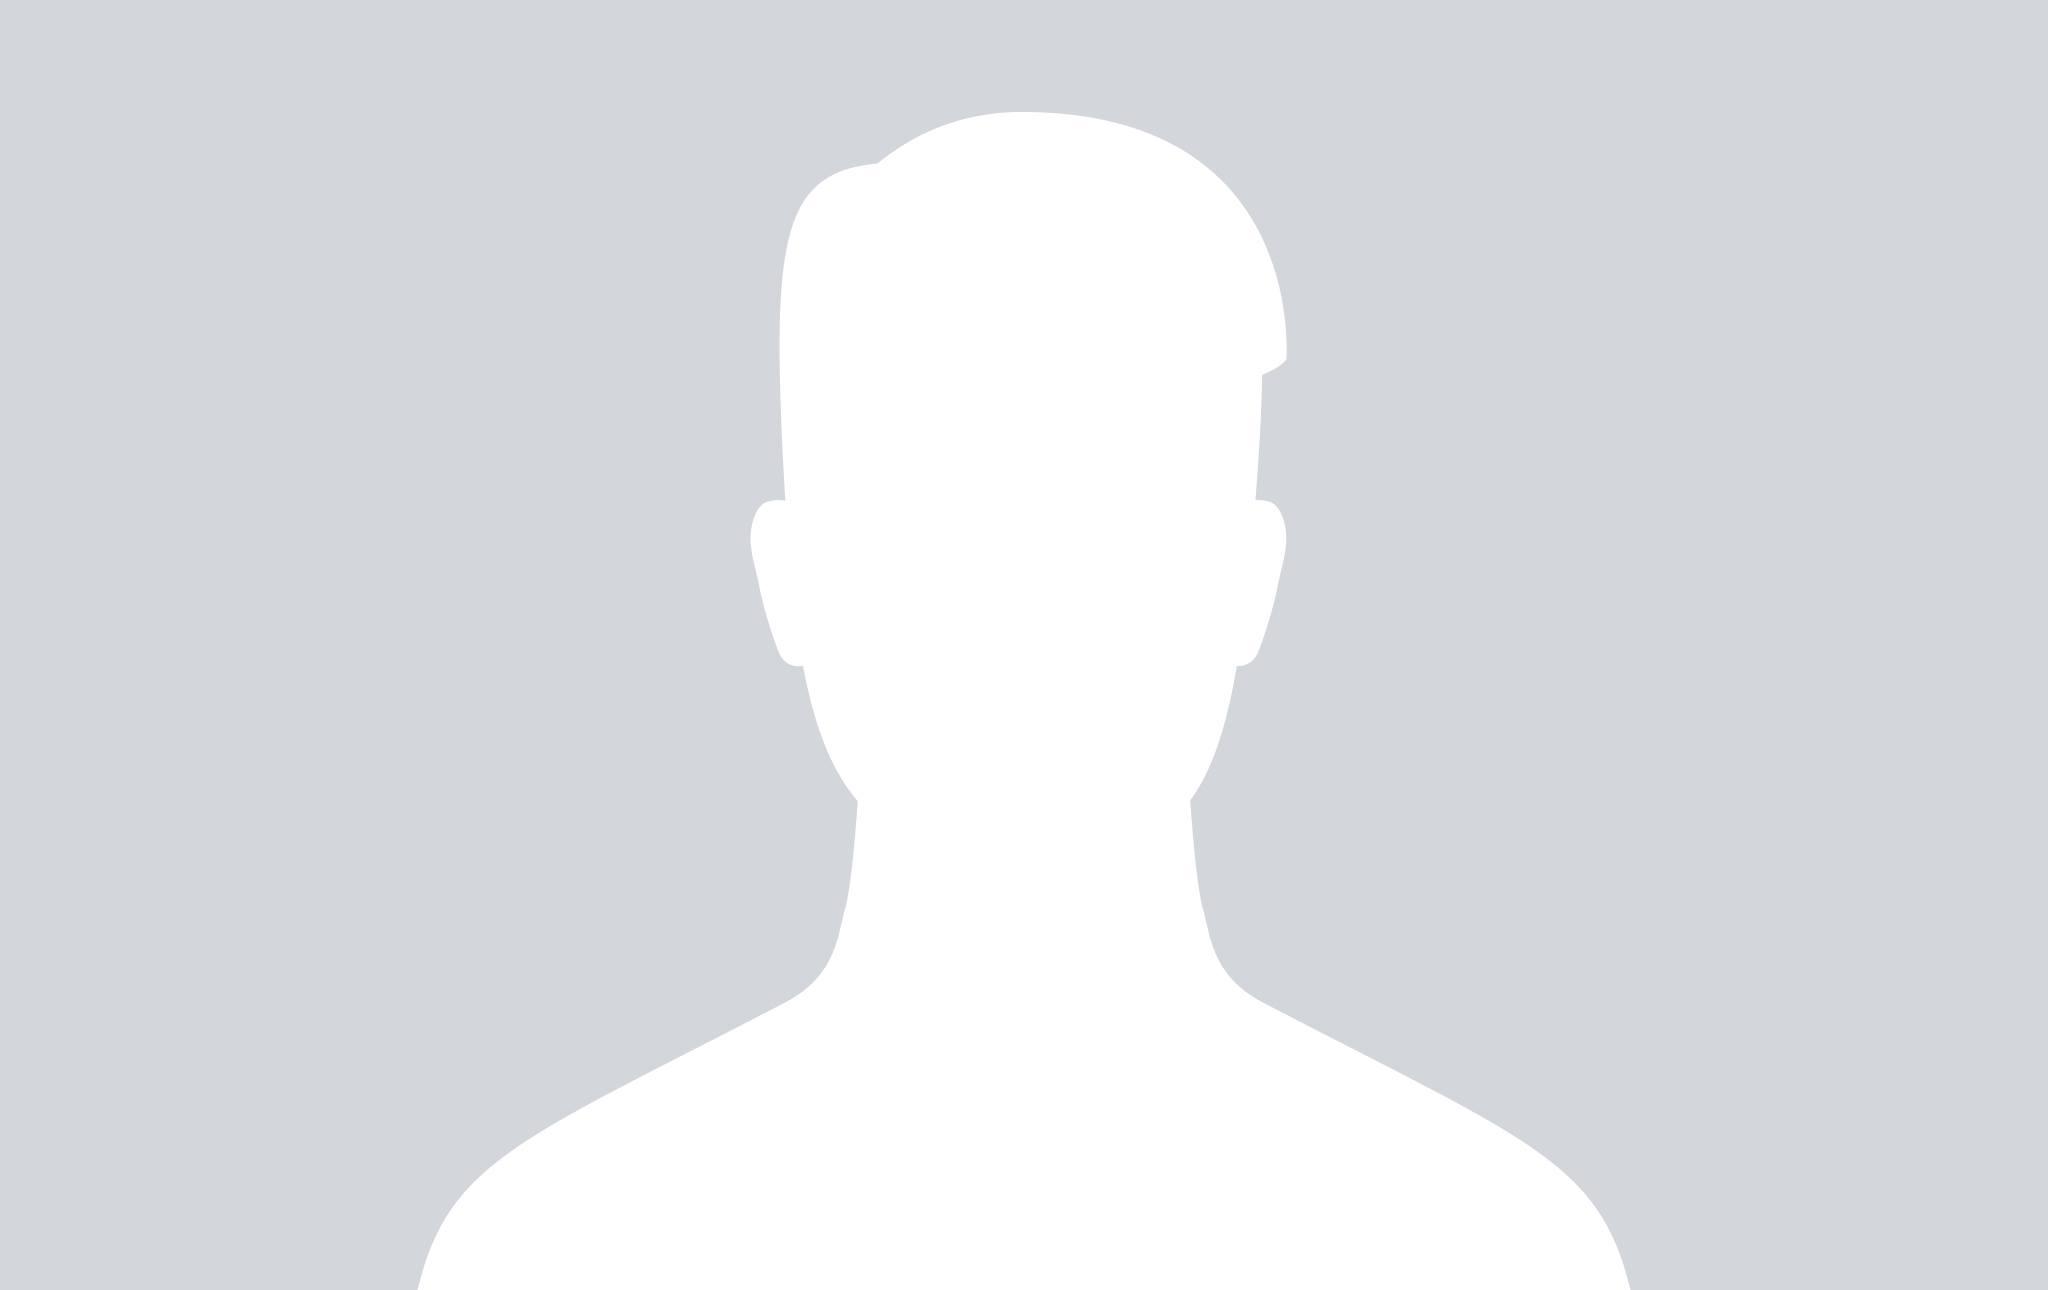 https://d2yht872mhrlra.cloudfront.net/user/113516/user_113516.jpg